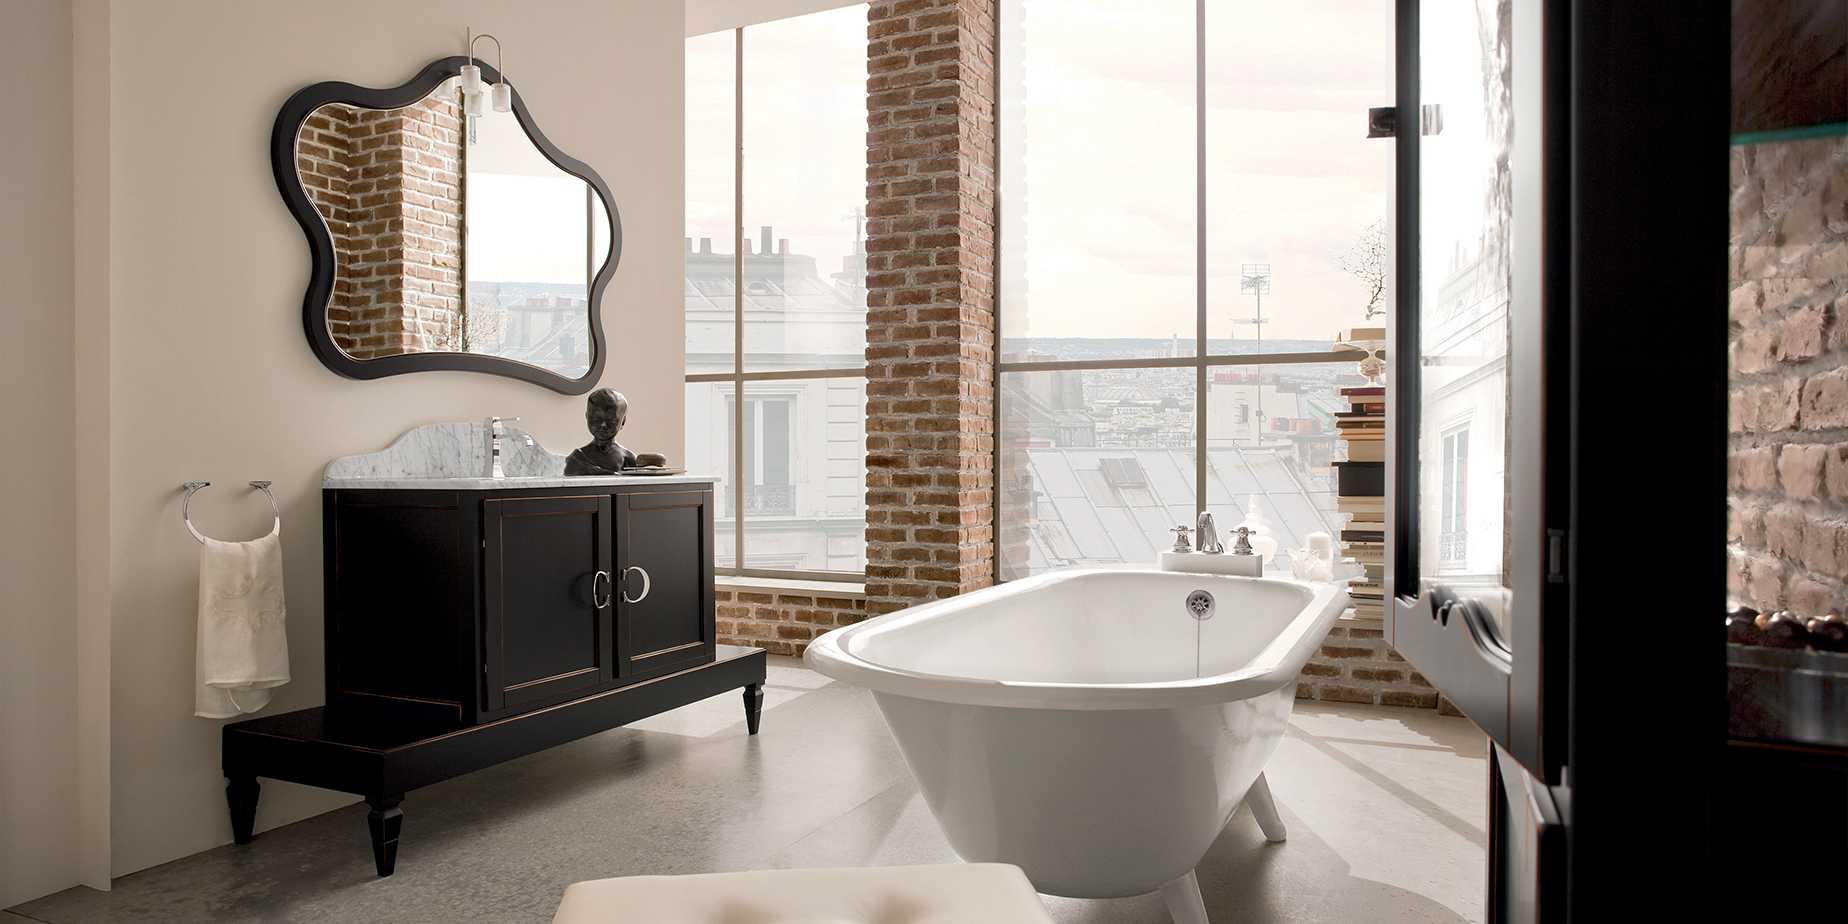 Salle De Bain Hipster ~ salle de bain vintage design cheap awesome salle de bain vintage